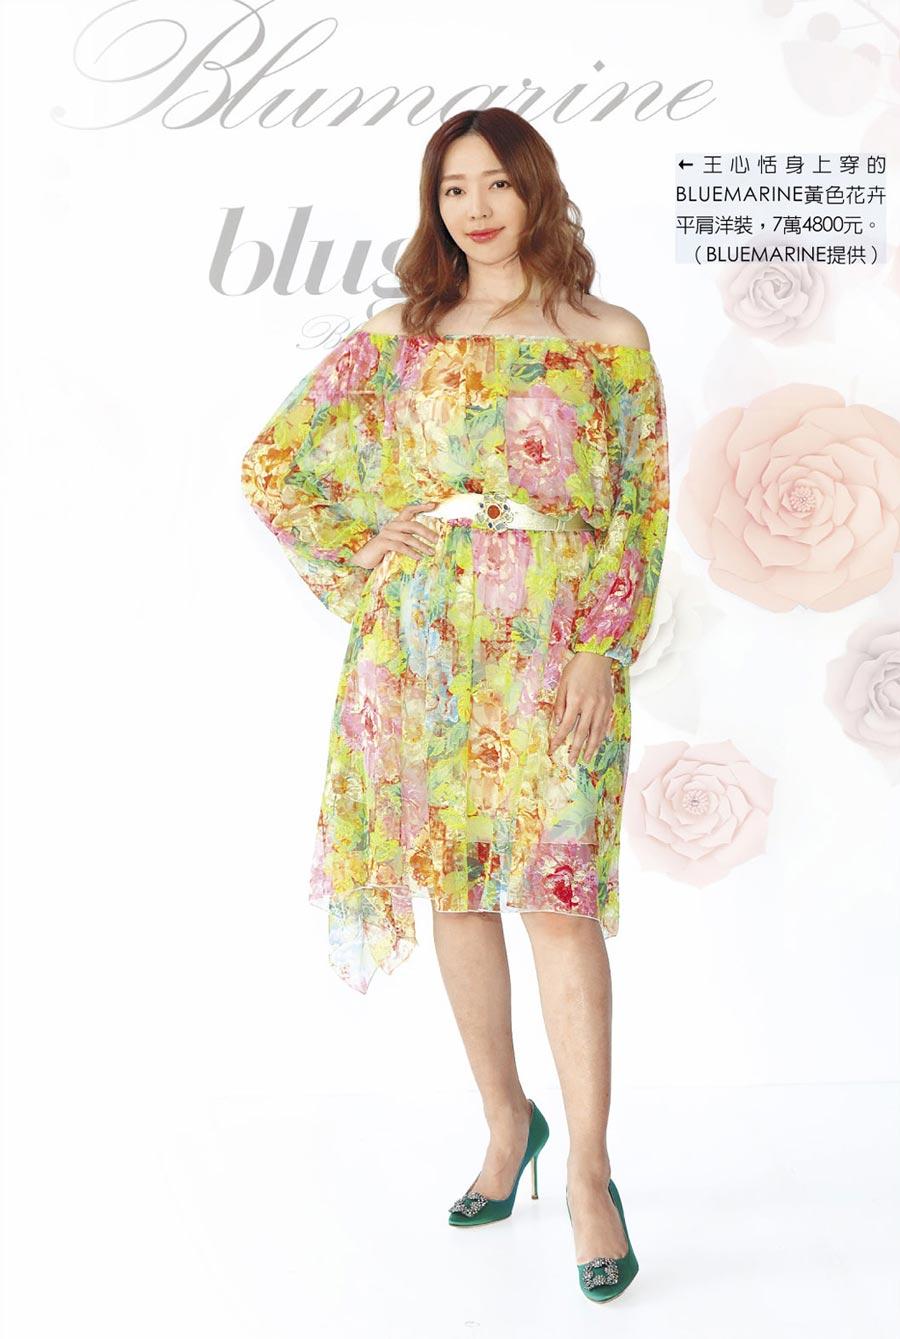 王心恬身上穿的BLUEMARINE黃色花卉平肩洋裝,7萬4800元。(BLUEMARINE提供)